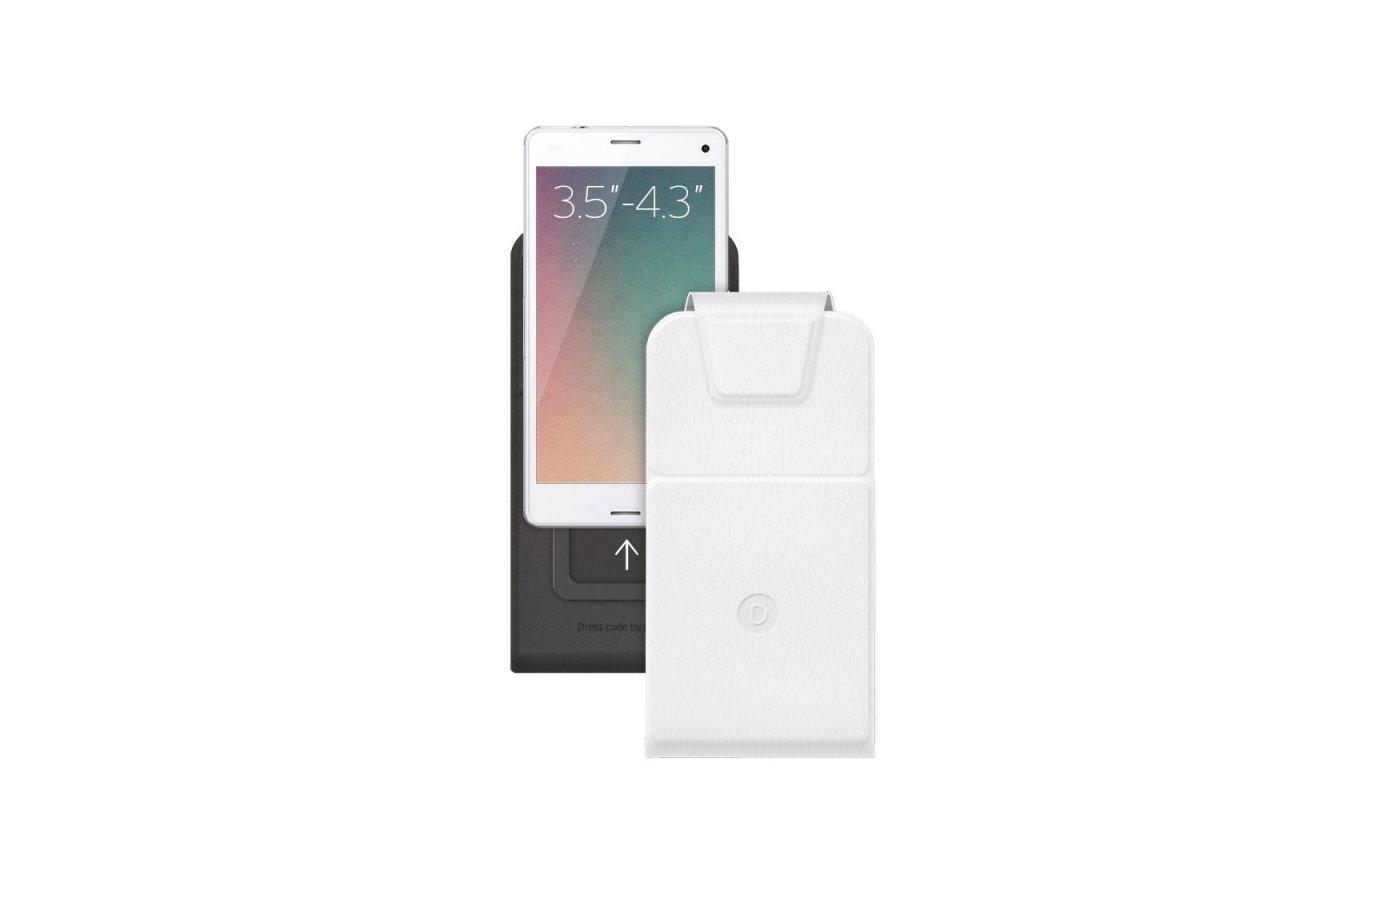 Чехол Чехол для смартфонов Flip Slide S 3.5-4.3 белый